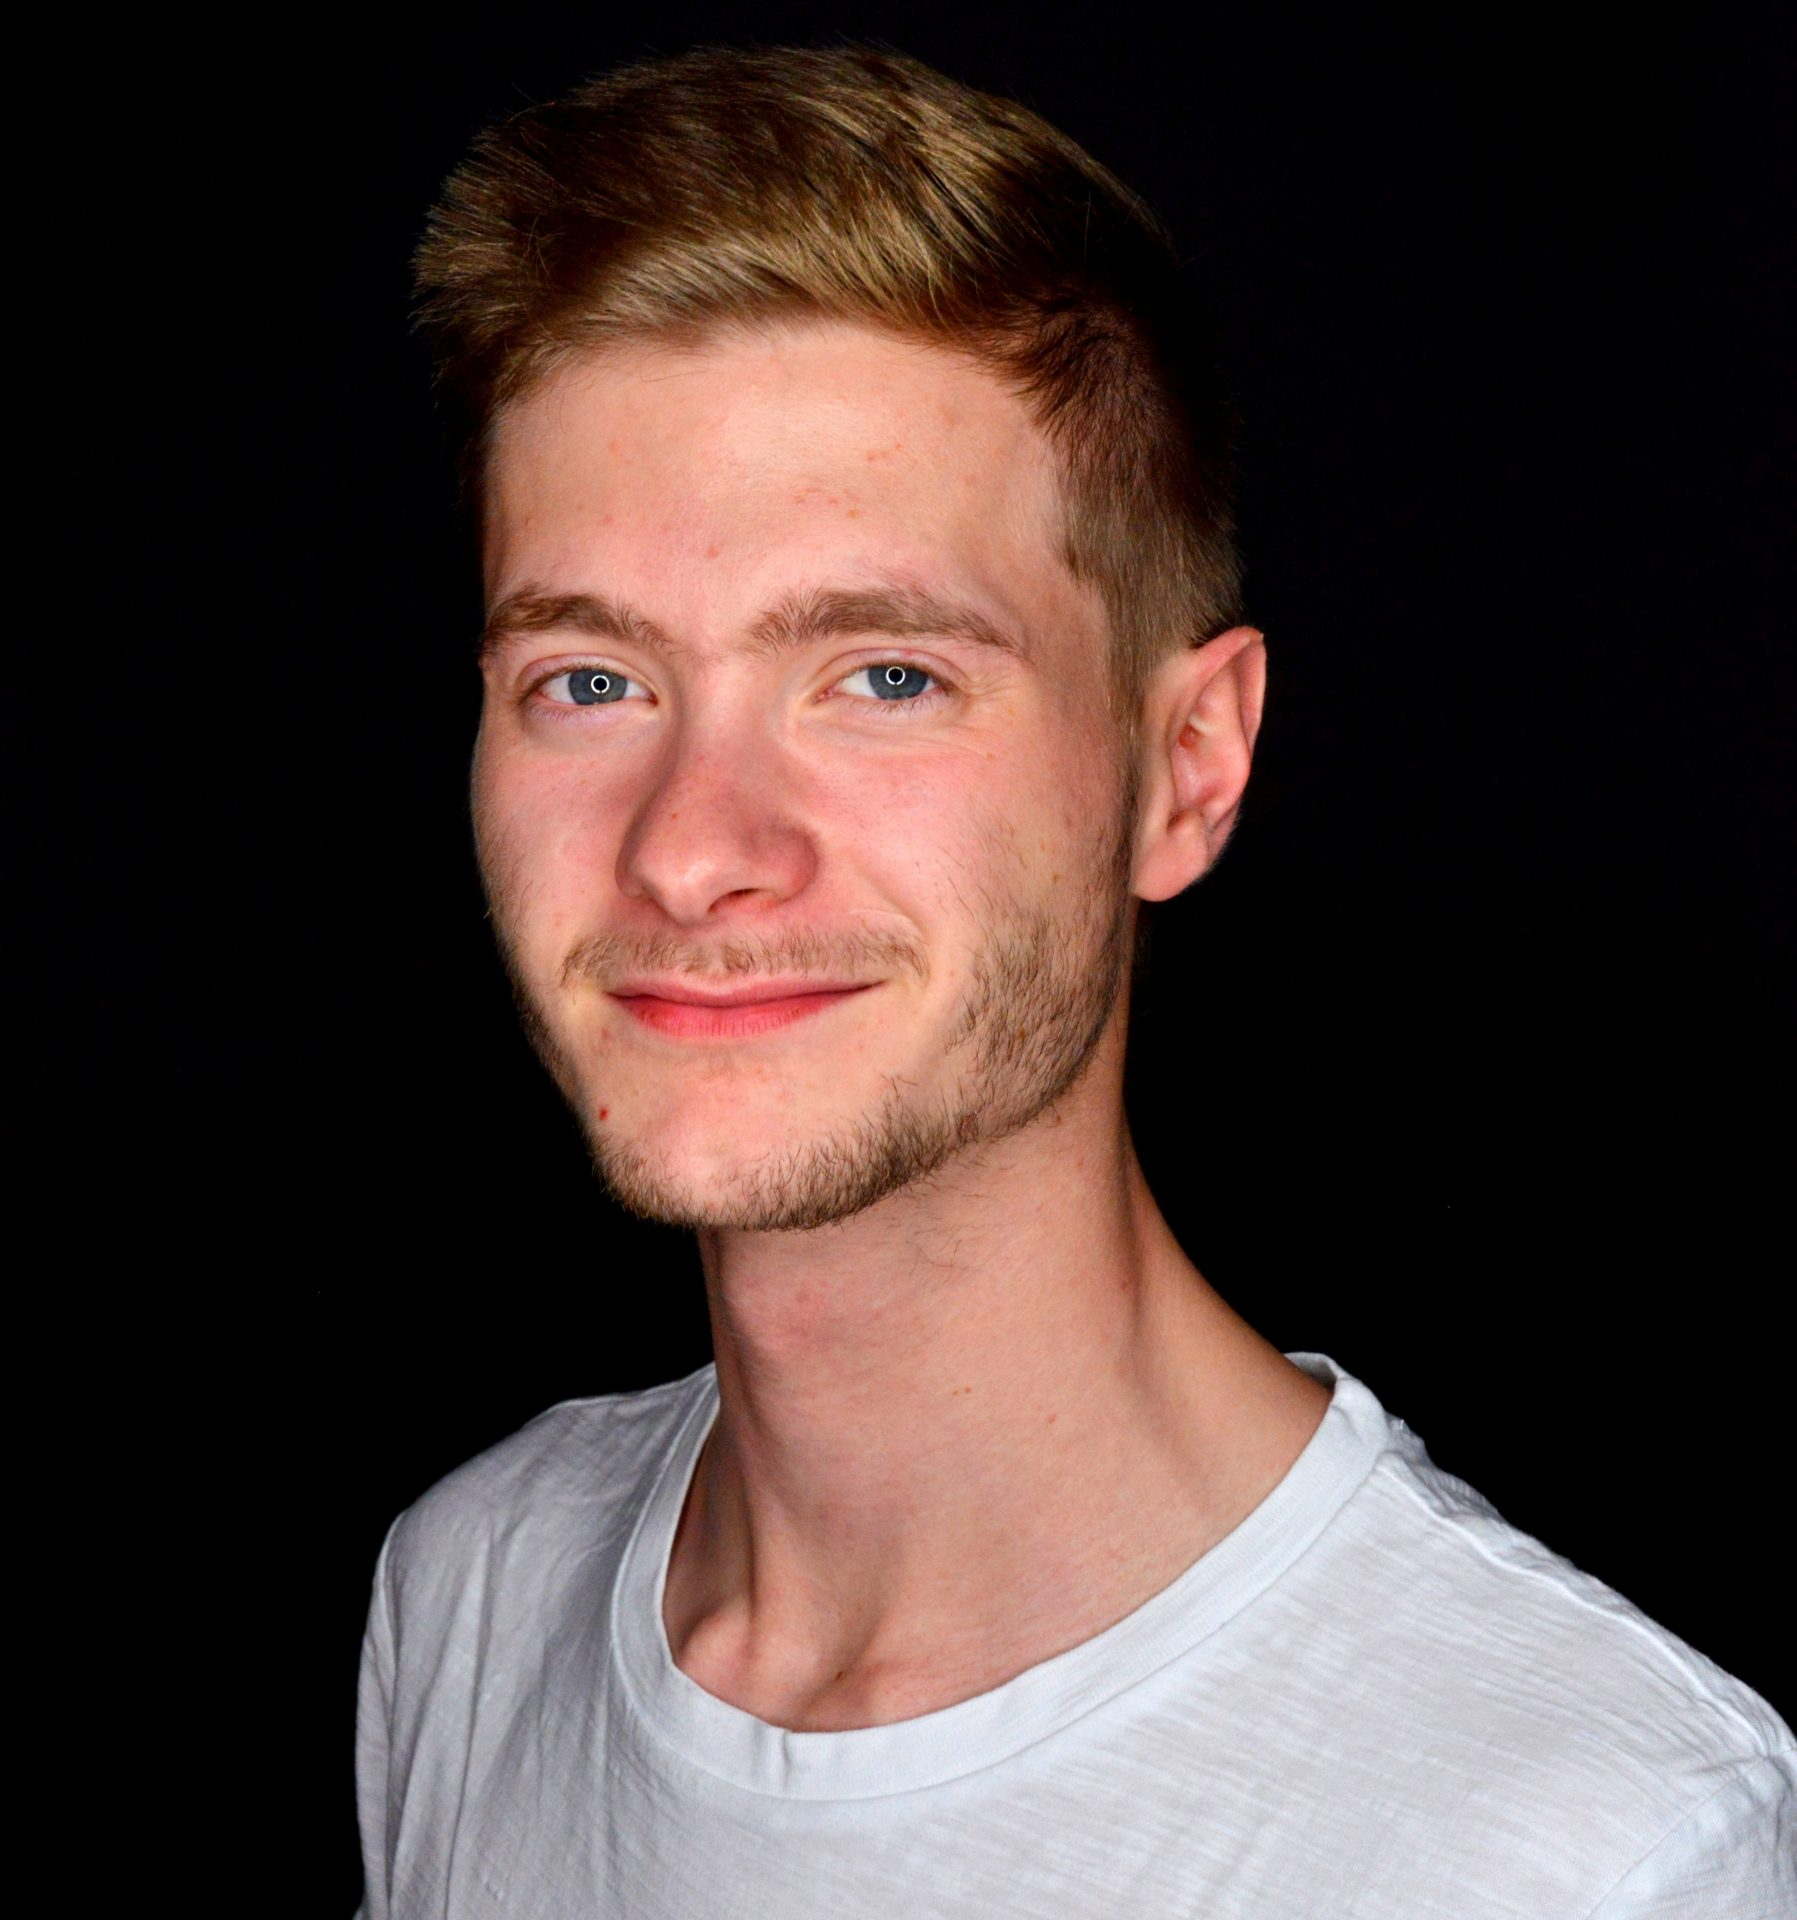 Lukas Spenger